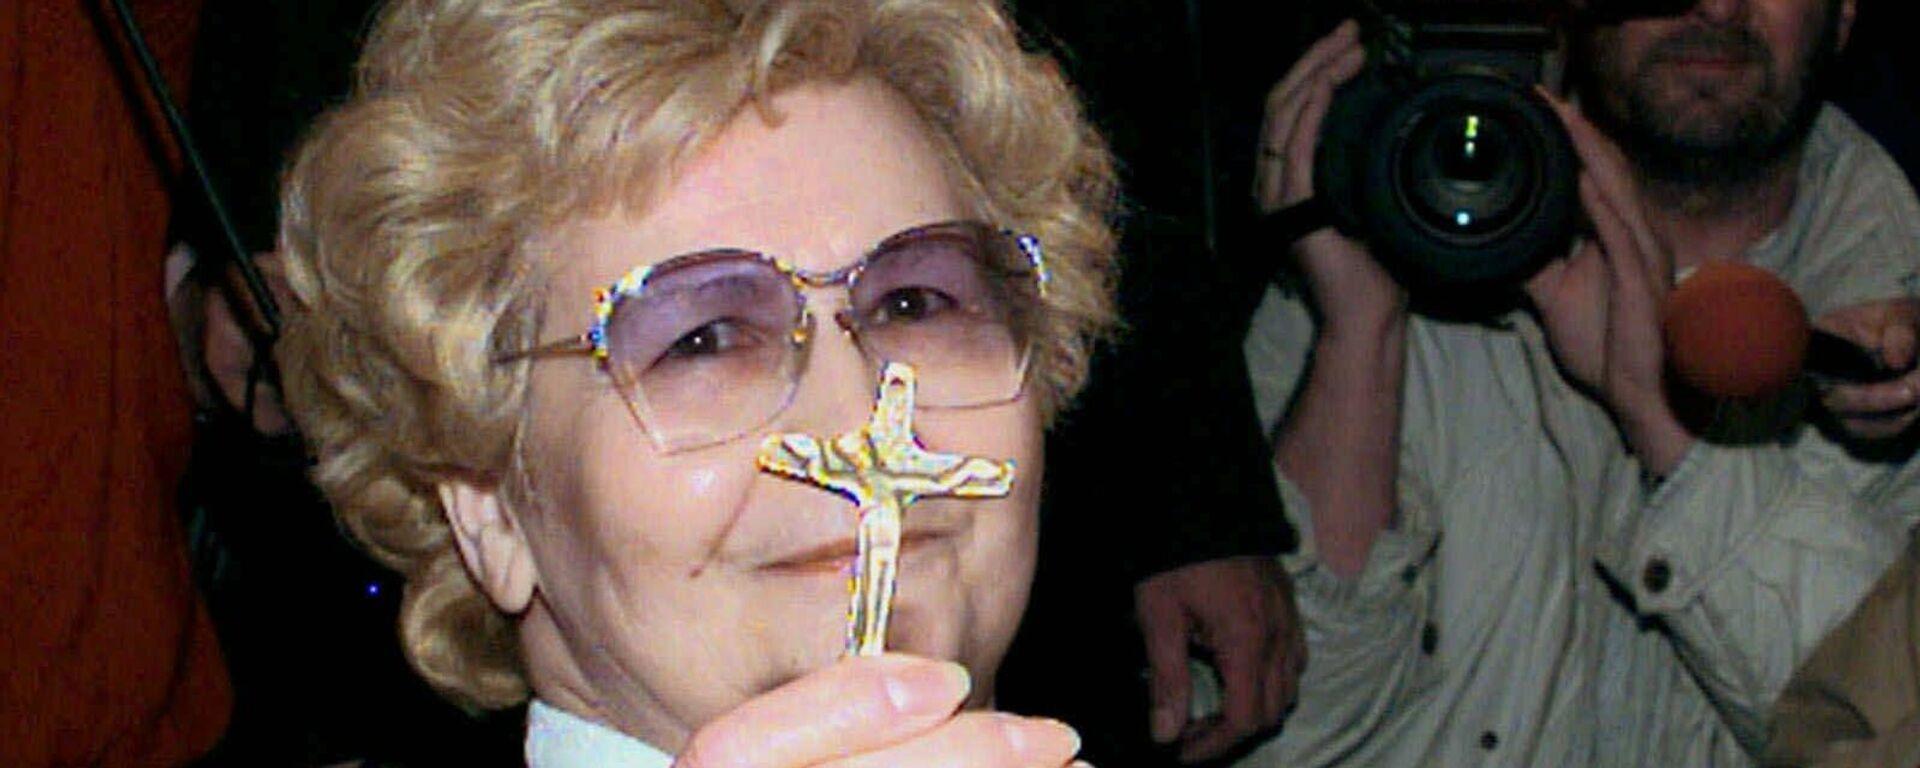 Elfriede Blauensteiner in Krems, Österreich (10.02.1997) - SNA, 1920, 23.06.2021